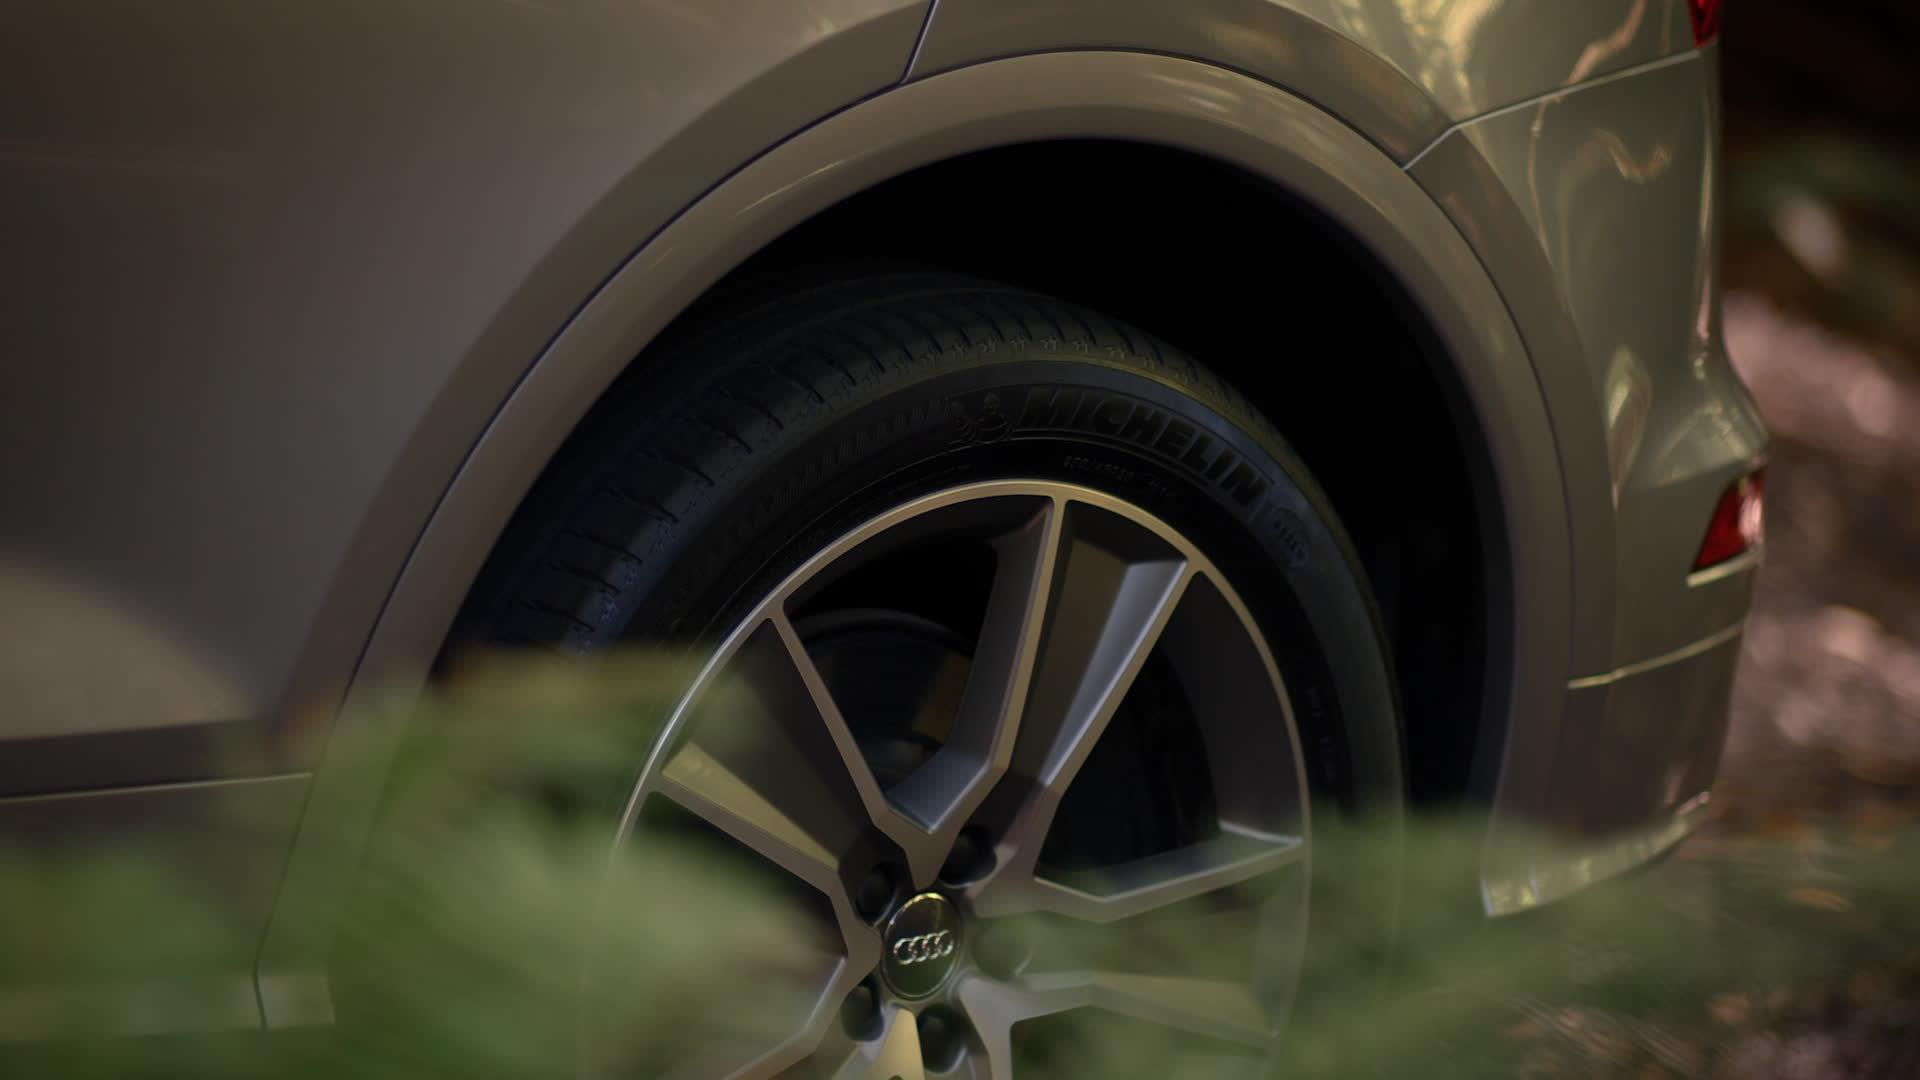 Audi Q5 mit Luftfederfahrwerk